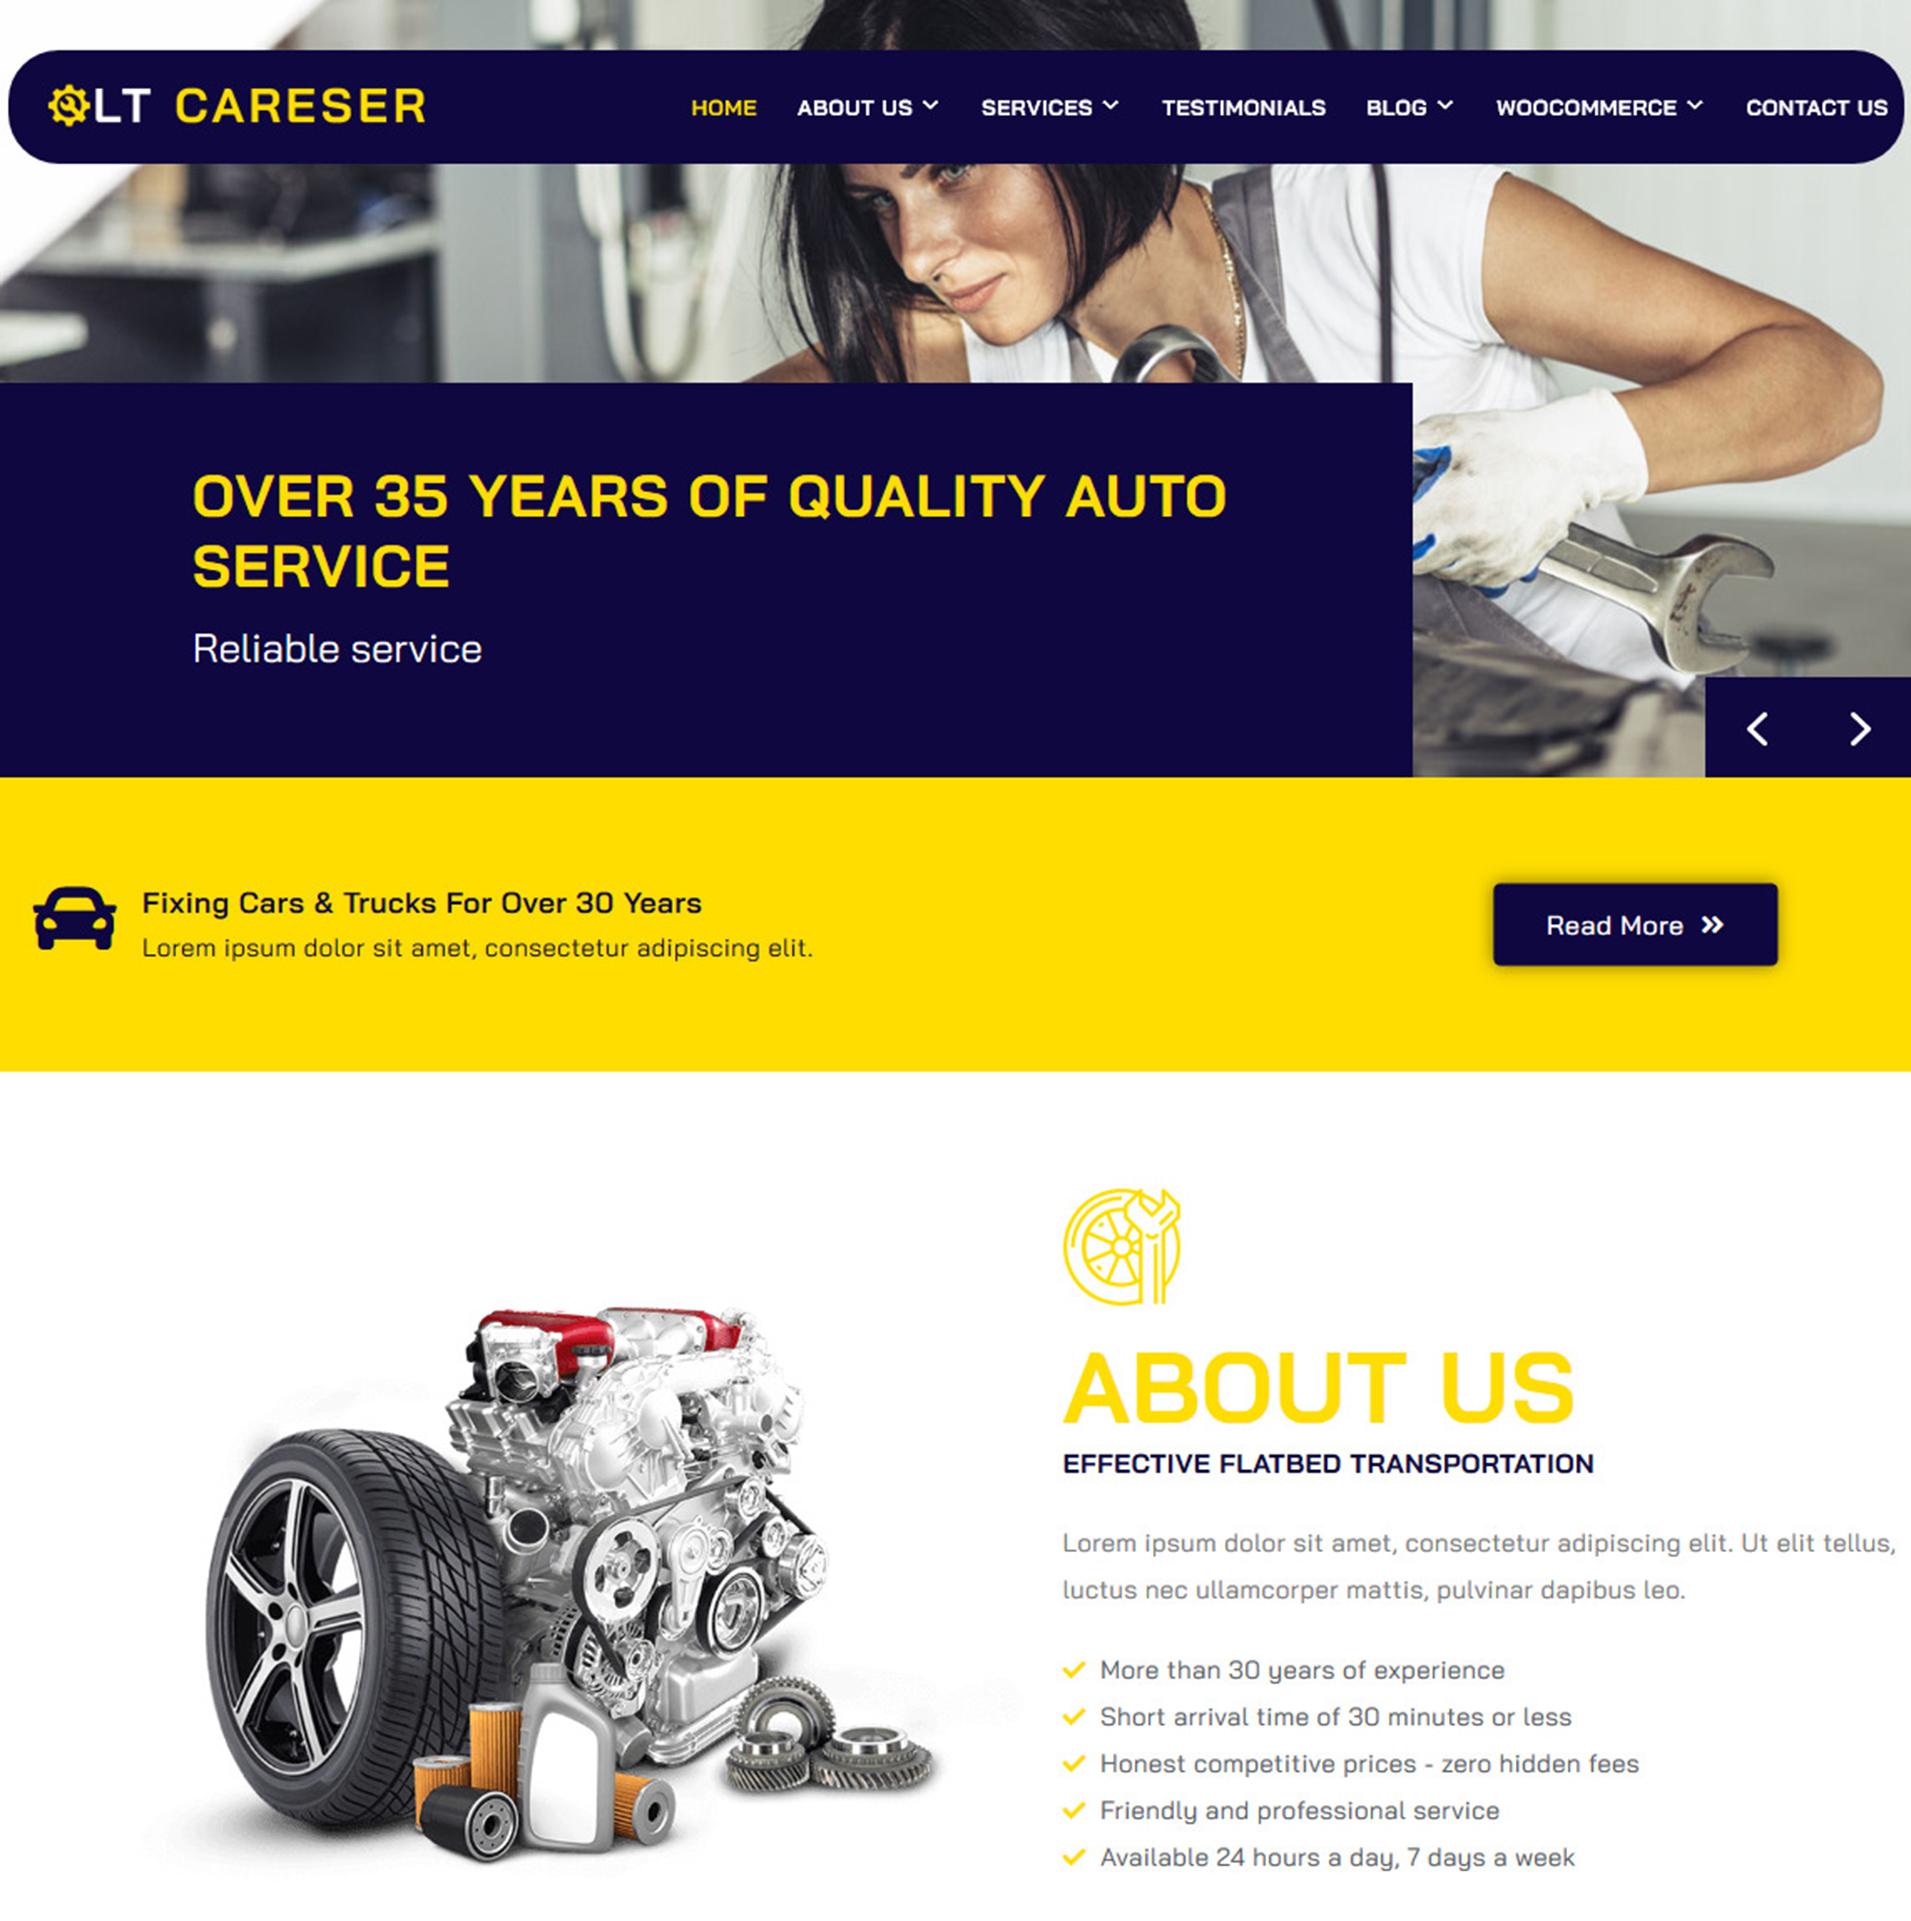 lt-careser-free-wordpress-theme-screen